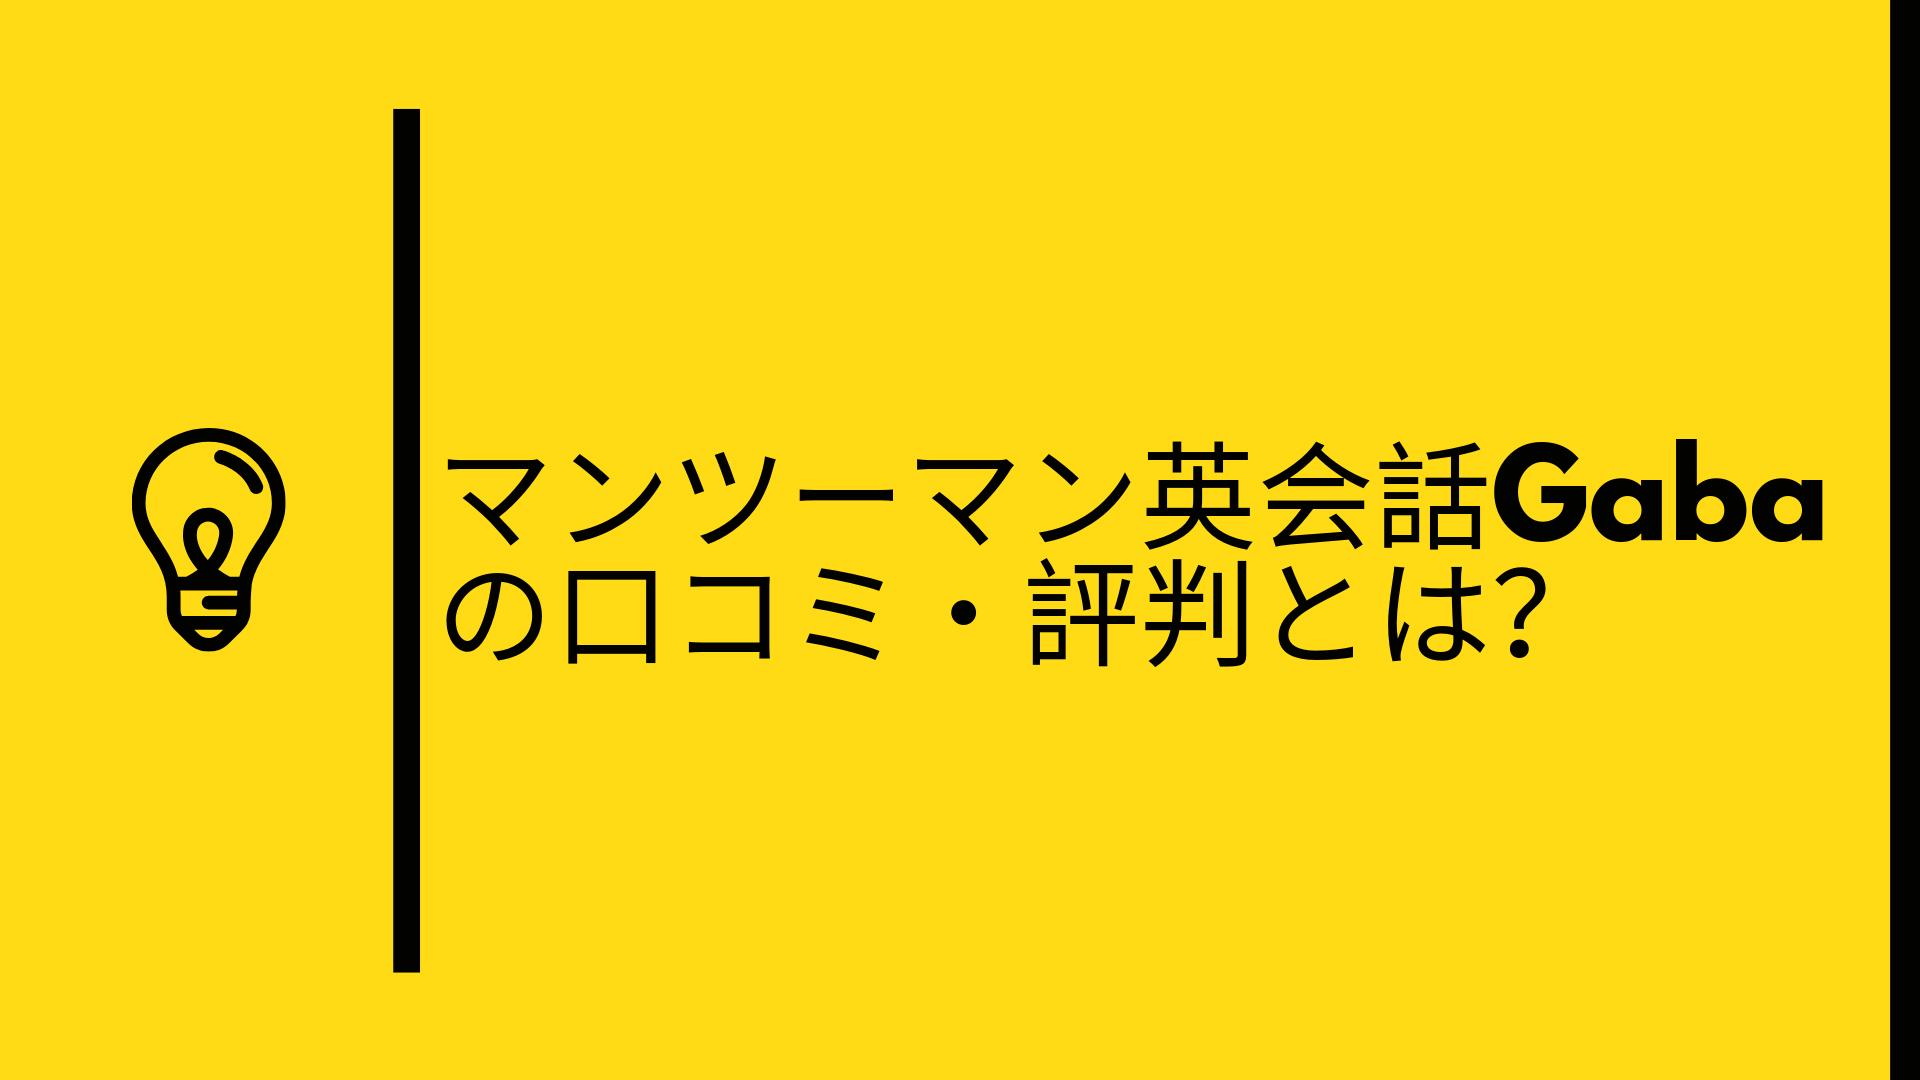 gaba 口コミ・評判